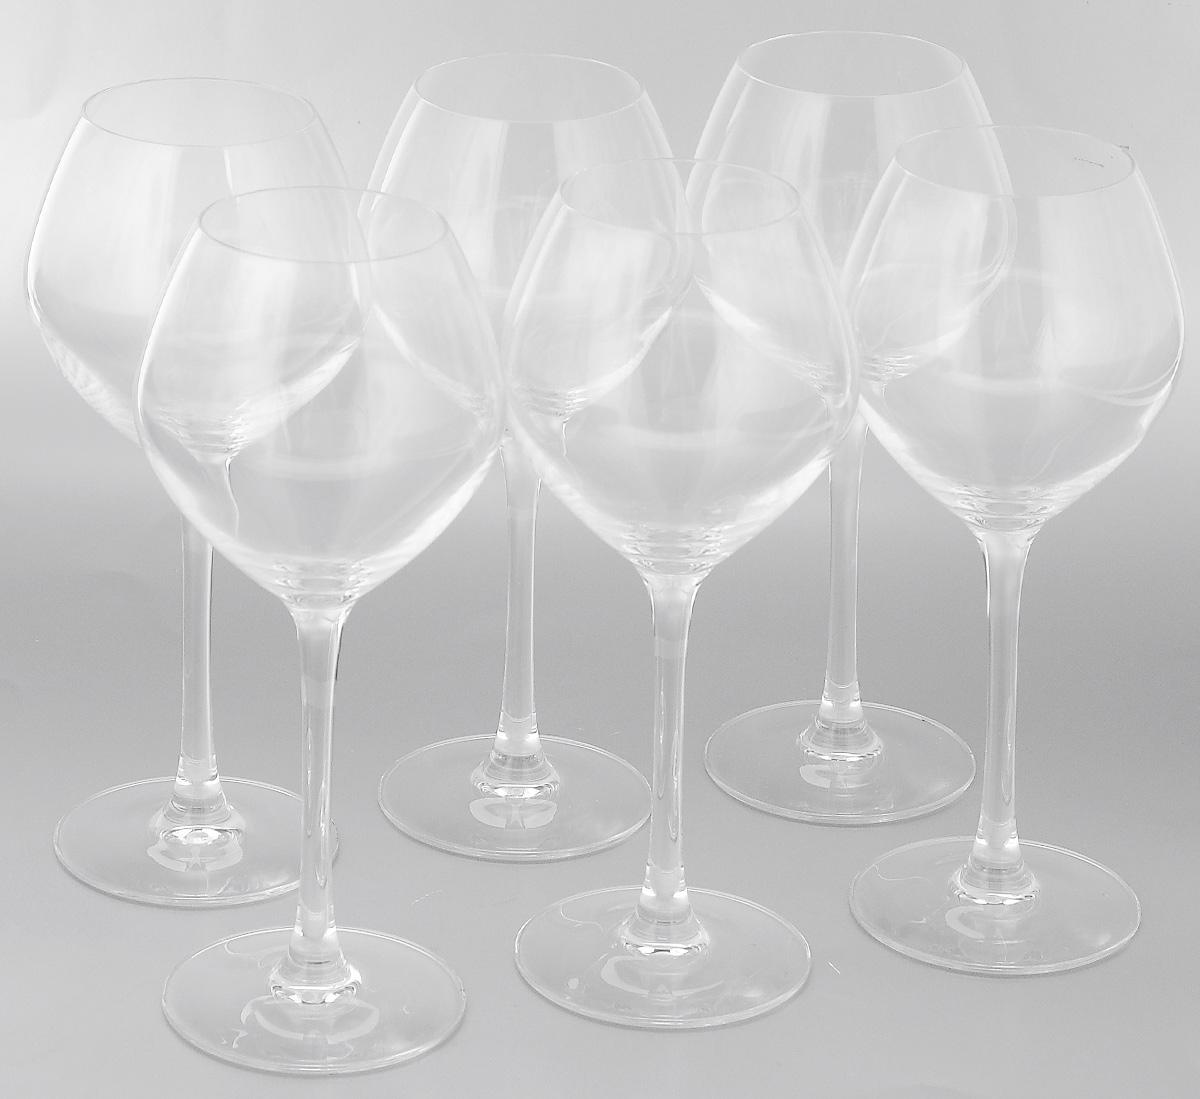 Набор фужеров Cristal dArques Wine Emotions, 6 шт440272BНабор Cristal dArques Wine Emotions состоит из 6 фужеров, выполненных из высококачественного стекла. Изделия сочетают в себе элегантный дизайн с максимальной функциональностью. Набор фужеров Cristal dArques Wine Emotions прекрасно оформит праздничный стол и создаст приятную атмосферу за романтическим ужином. А также станет хорошим подарком к любому случаю. Диаметр фужера по верхнему краю: 6 см. Высота фужера: 21 см. Диаметр основания фужера: 7,5 см.